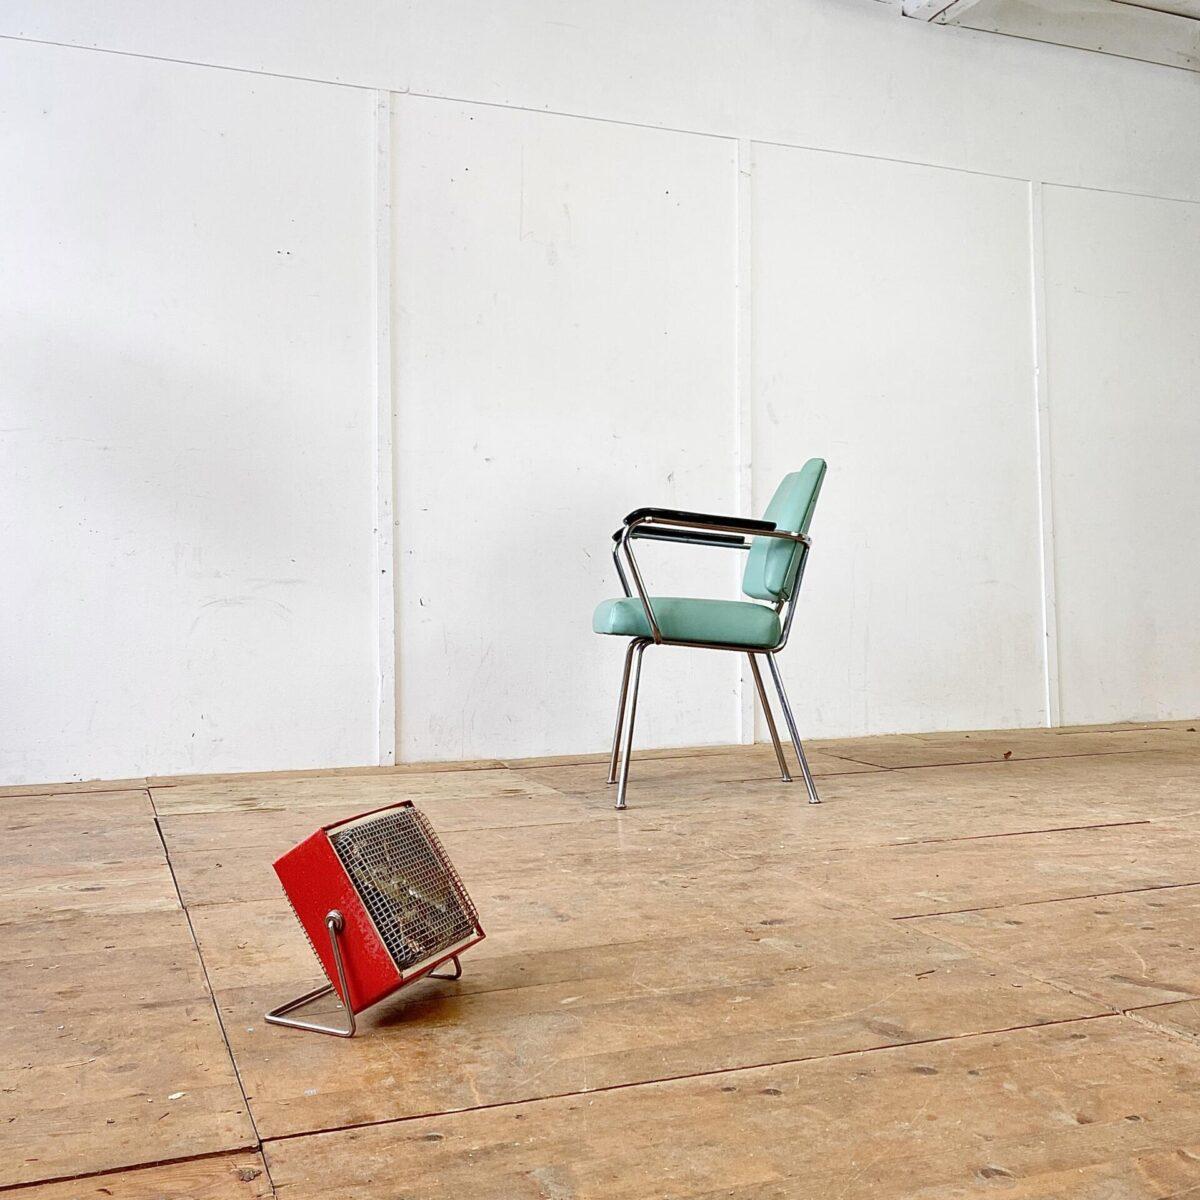 Deuxieme.shop Bauhaus Cocktail Sessel Alter Coiffeur Stuhl mit Armlehnen. Metall Gestell verchromt, Sitzfläche und Lehne aus Leder. Die Armlehnen sind aus schwarzem Kunststoff. Der Armlehnstuhl hat eine normale Esszimmer Sitzhöhe. Eignet sich von der Optik aber auch als Sessel im Wohnzimmer. Gebrauchter Vintage Zustand gemäss Bildern, keine Defekte wie Löcher oder Risse.